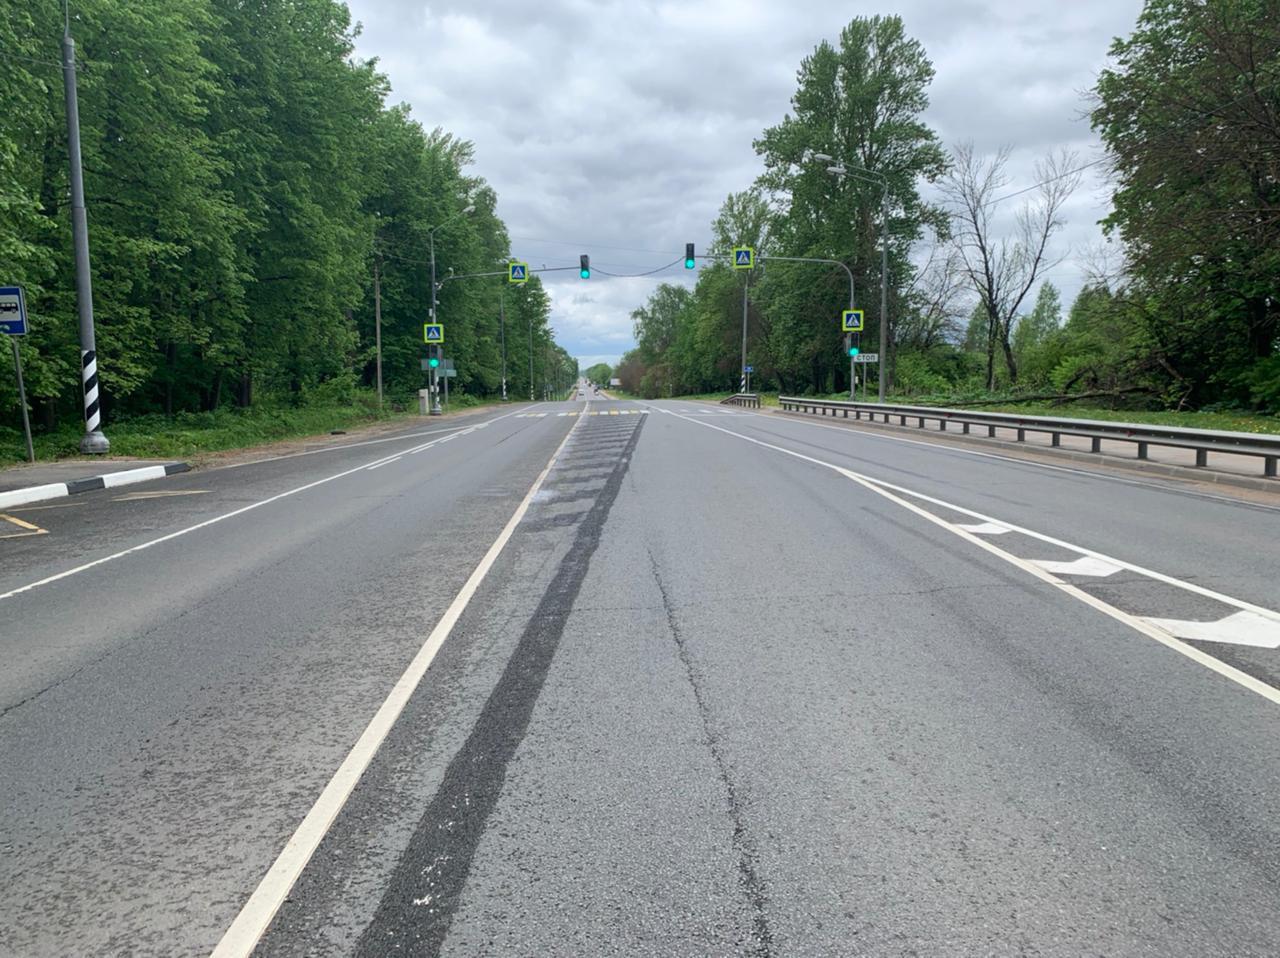 При съезде с транспортной развязки на М-10 в сторону Твери меняется схема движения